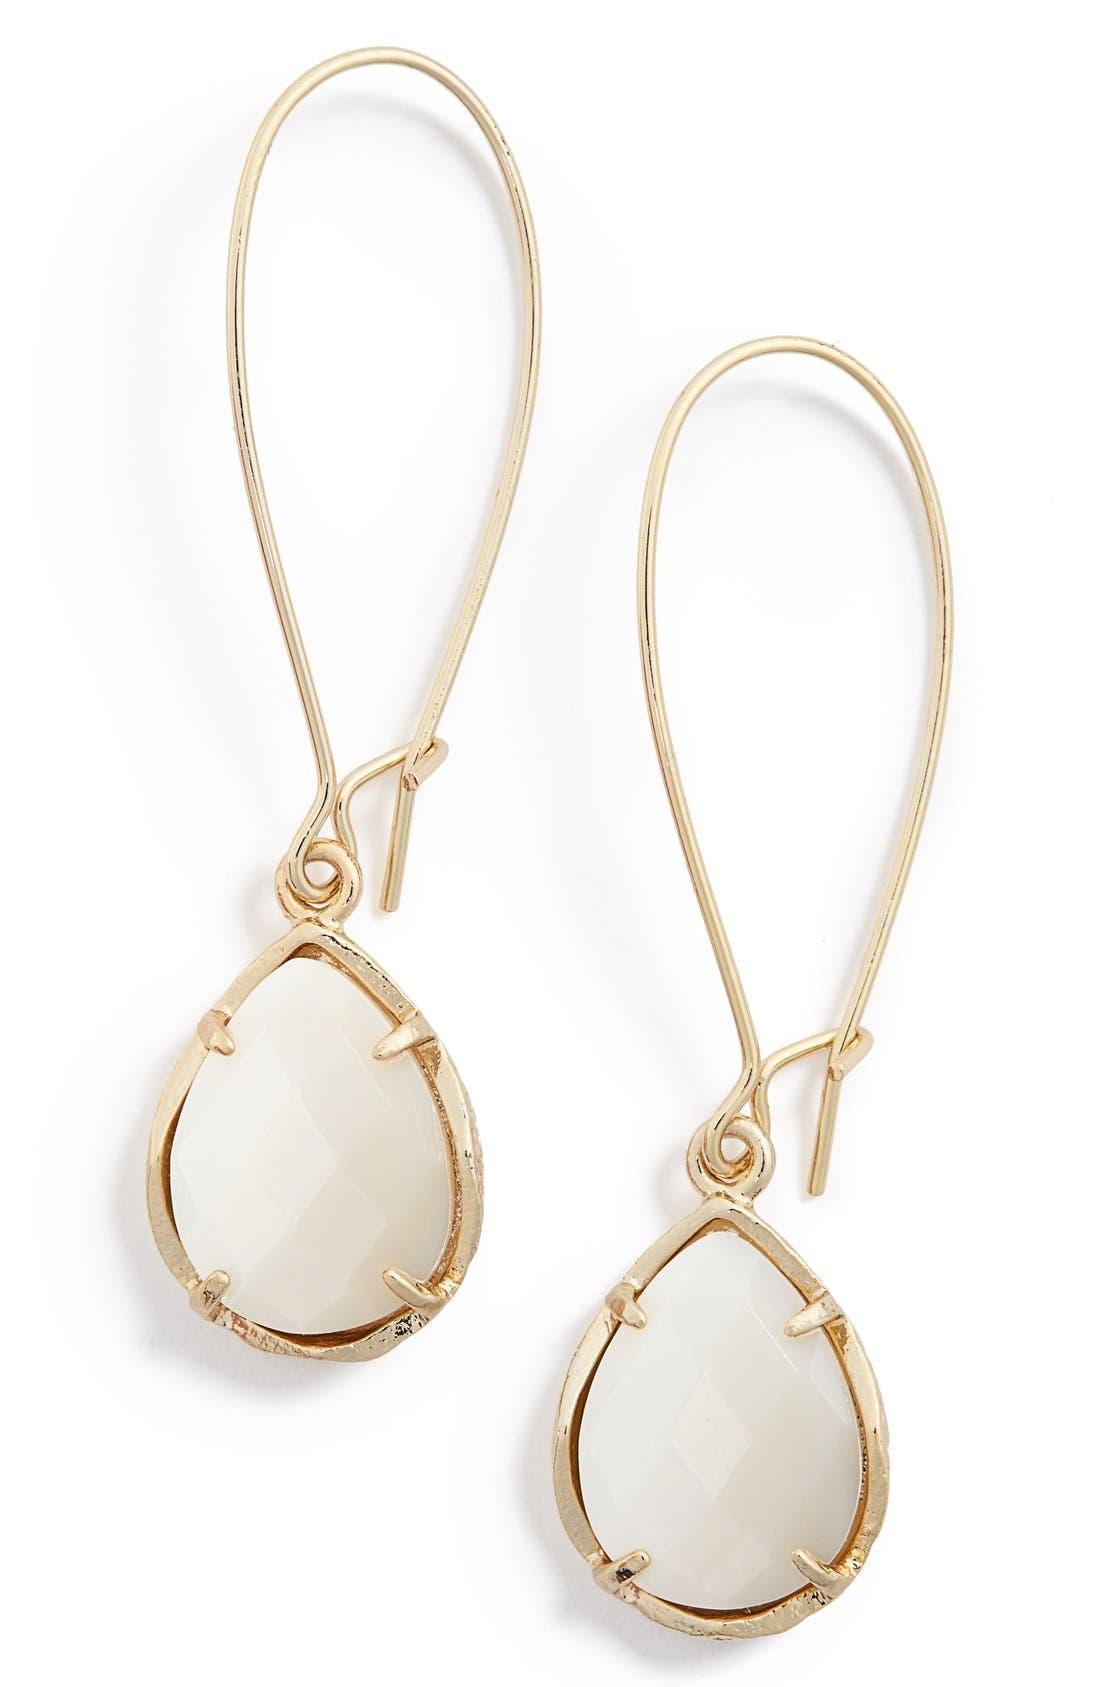 Alternate Image 1 Selected - Kendra Scott 'Dee' Teardrop Earrings